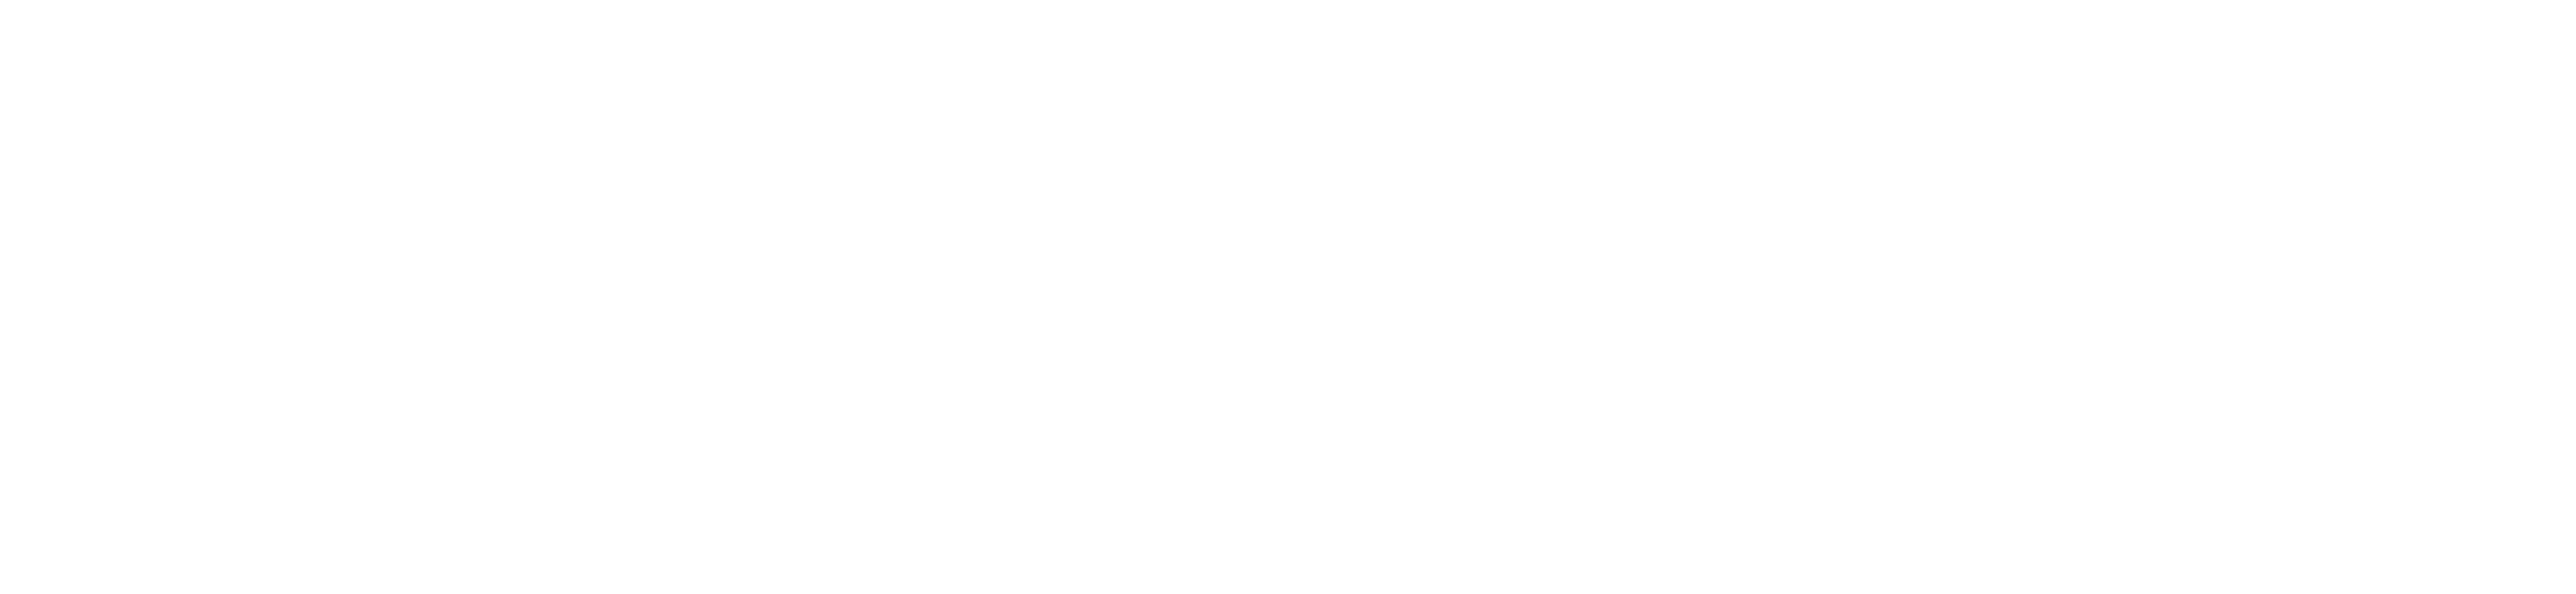 Logo-Size25R-Wiht